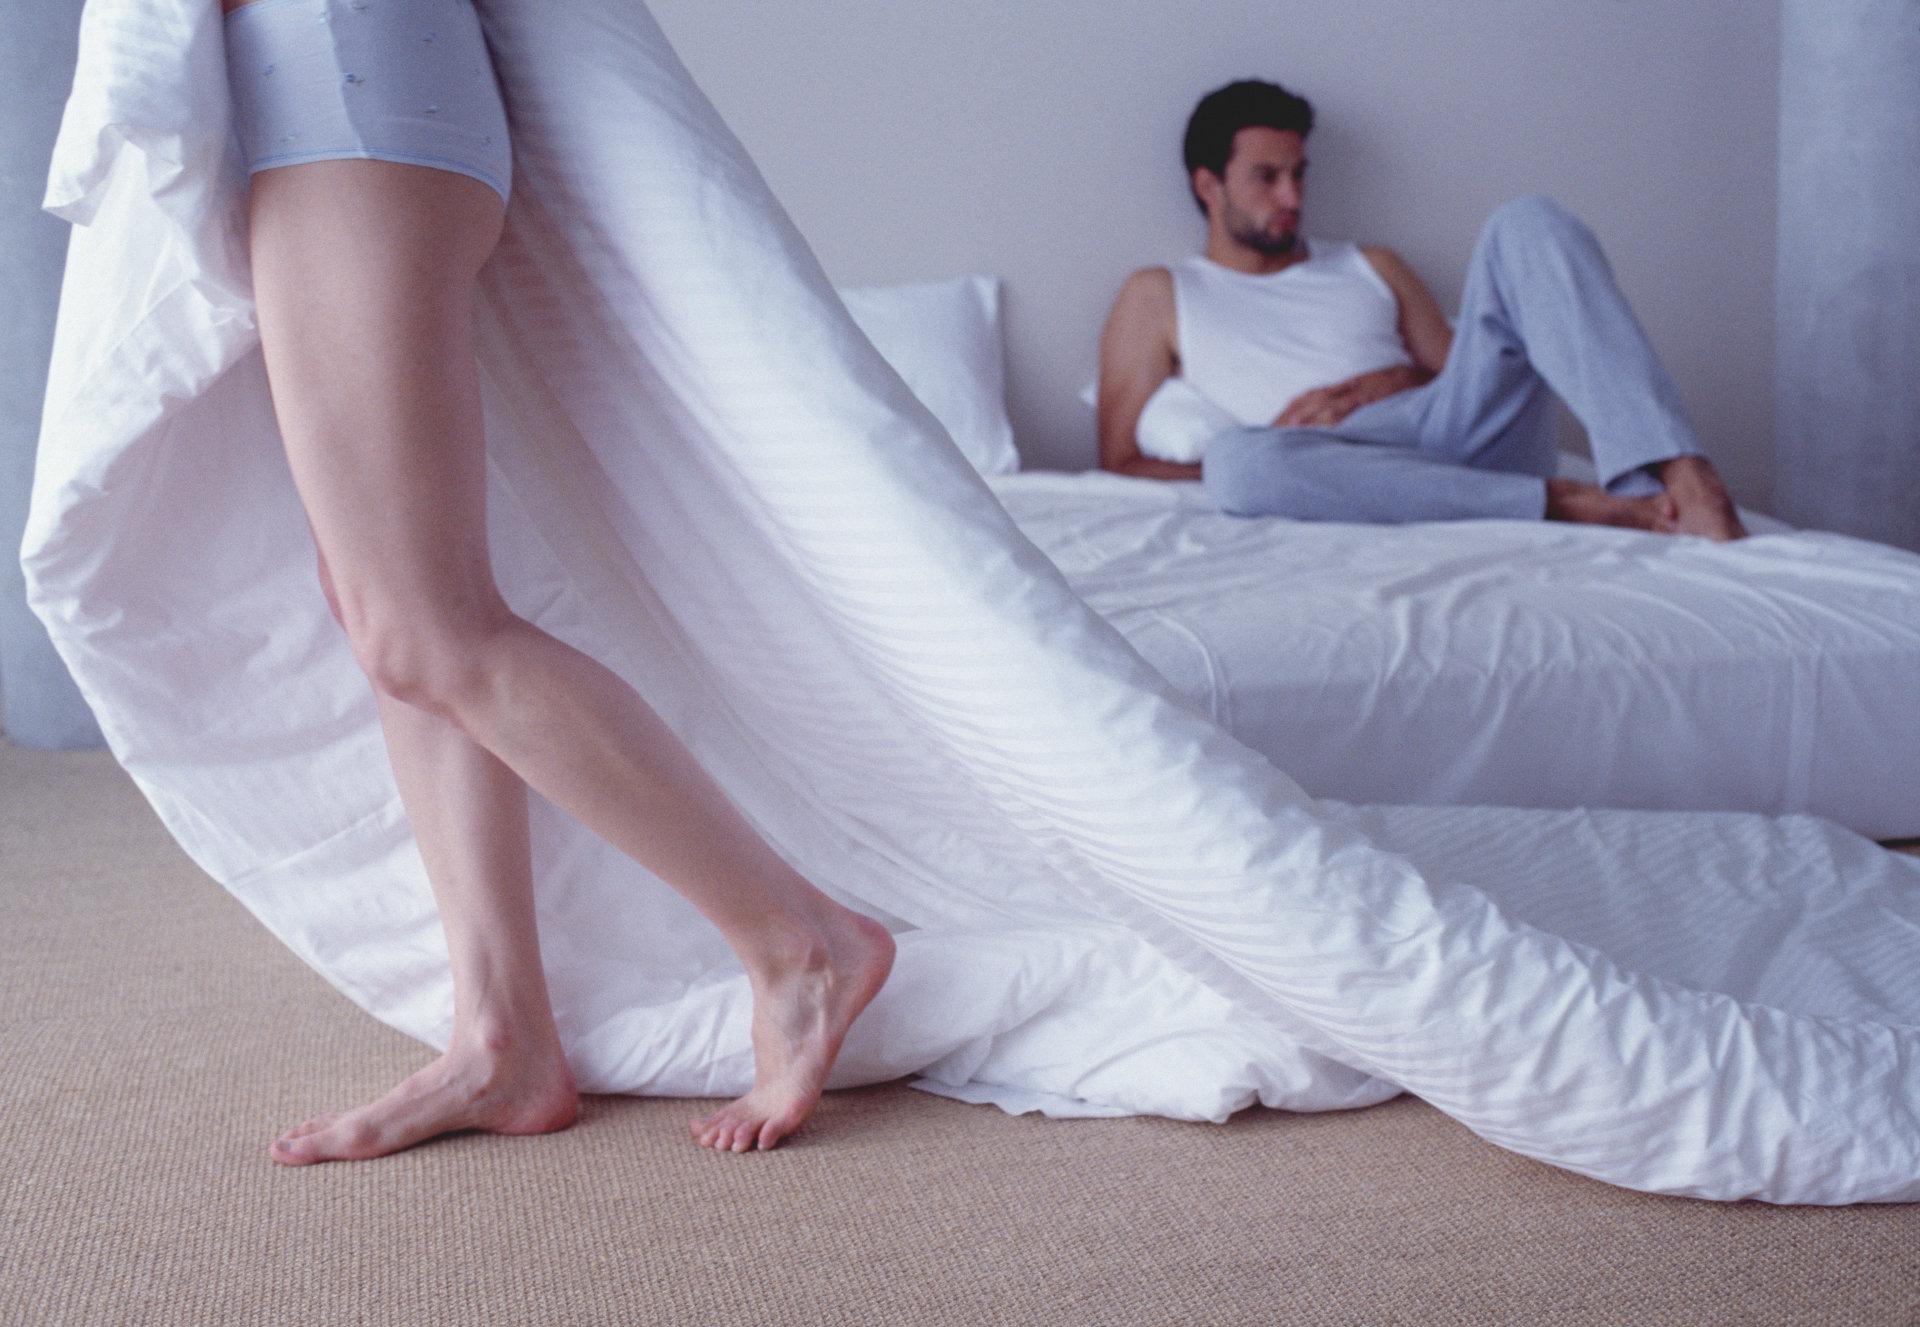 jei erekcija įvyksta greitai norite padidinti varpos varpą